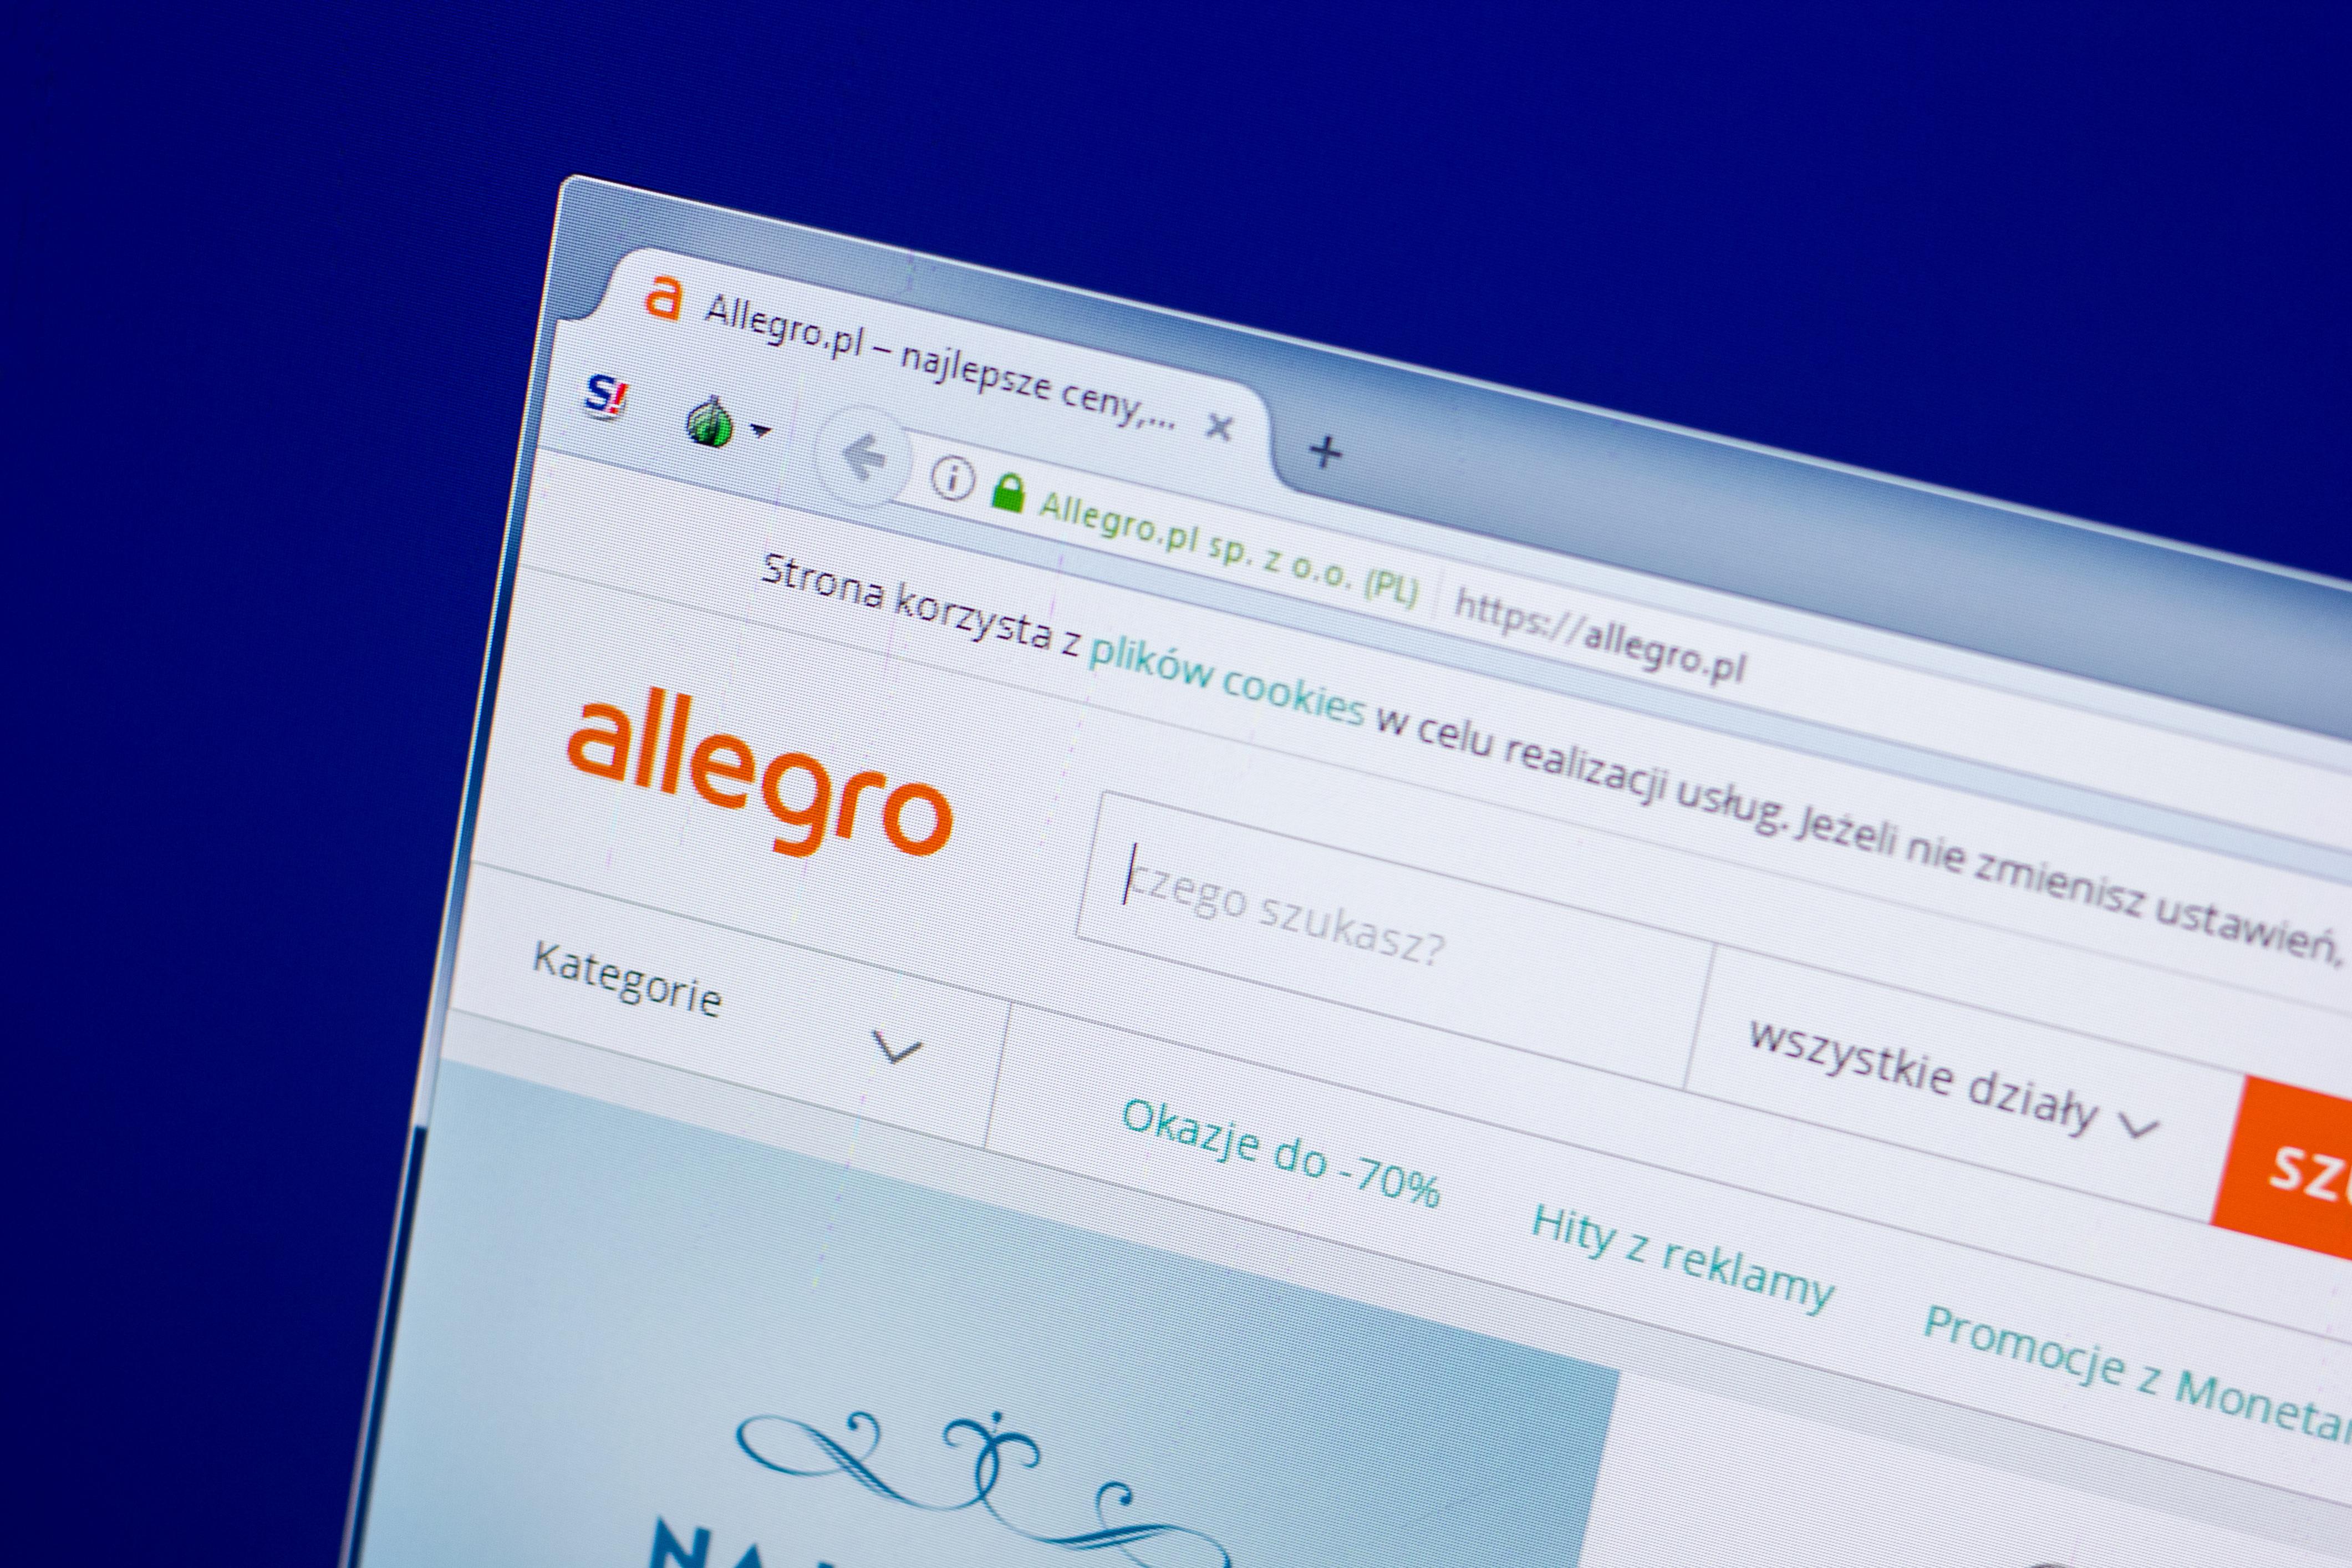 Darmowe Przesylki Allegro Smart Dla Kazdego Uzytkownika Przez Najblizszy Miesiac